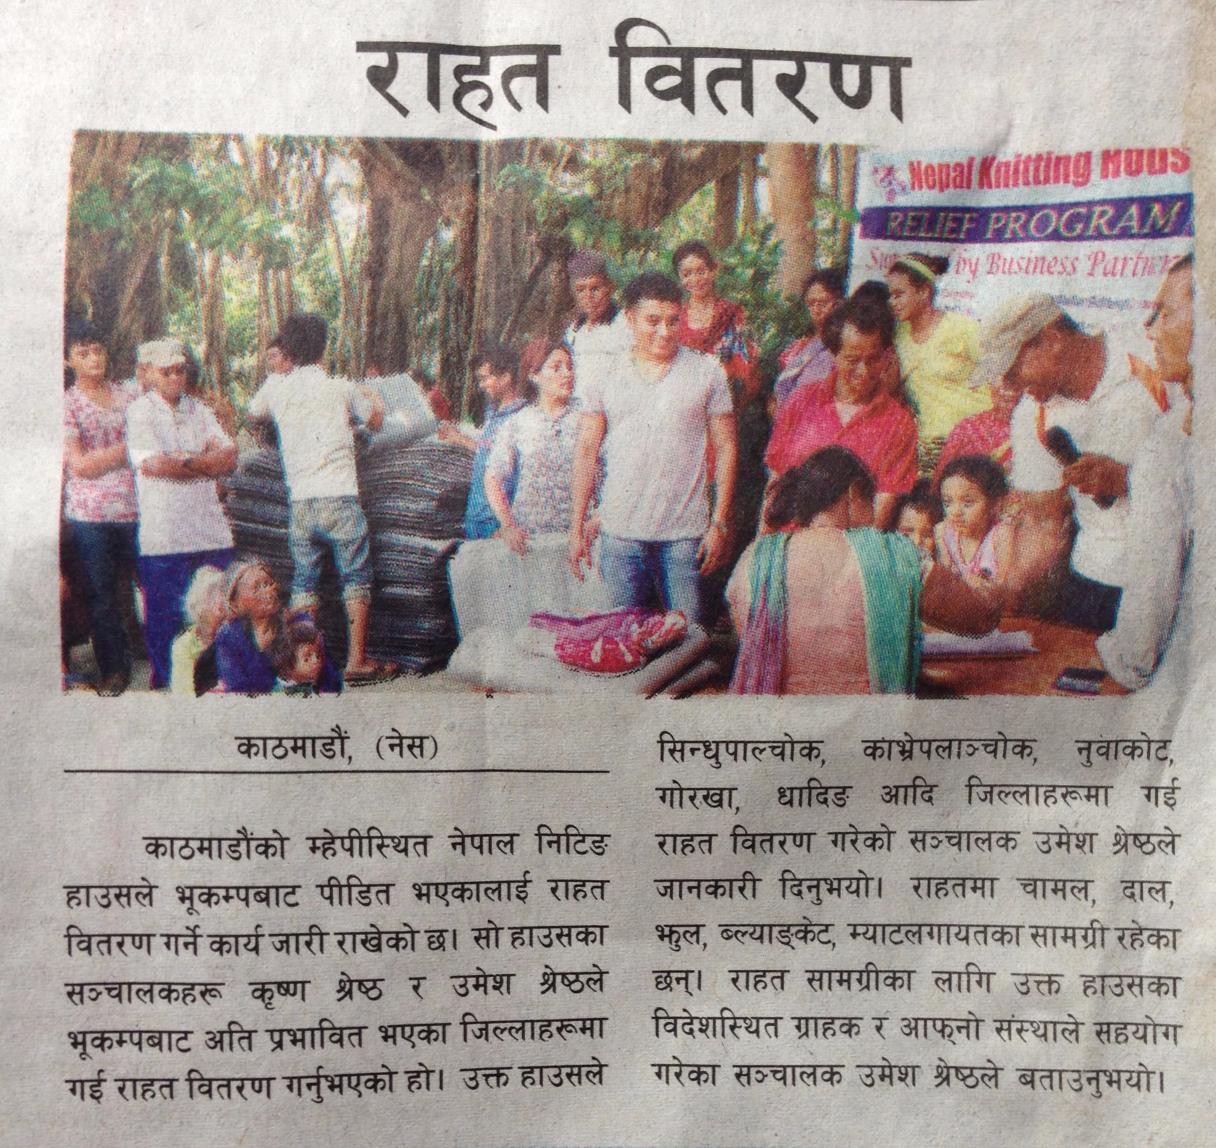 NKH - Relief Program